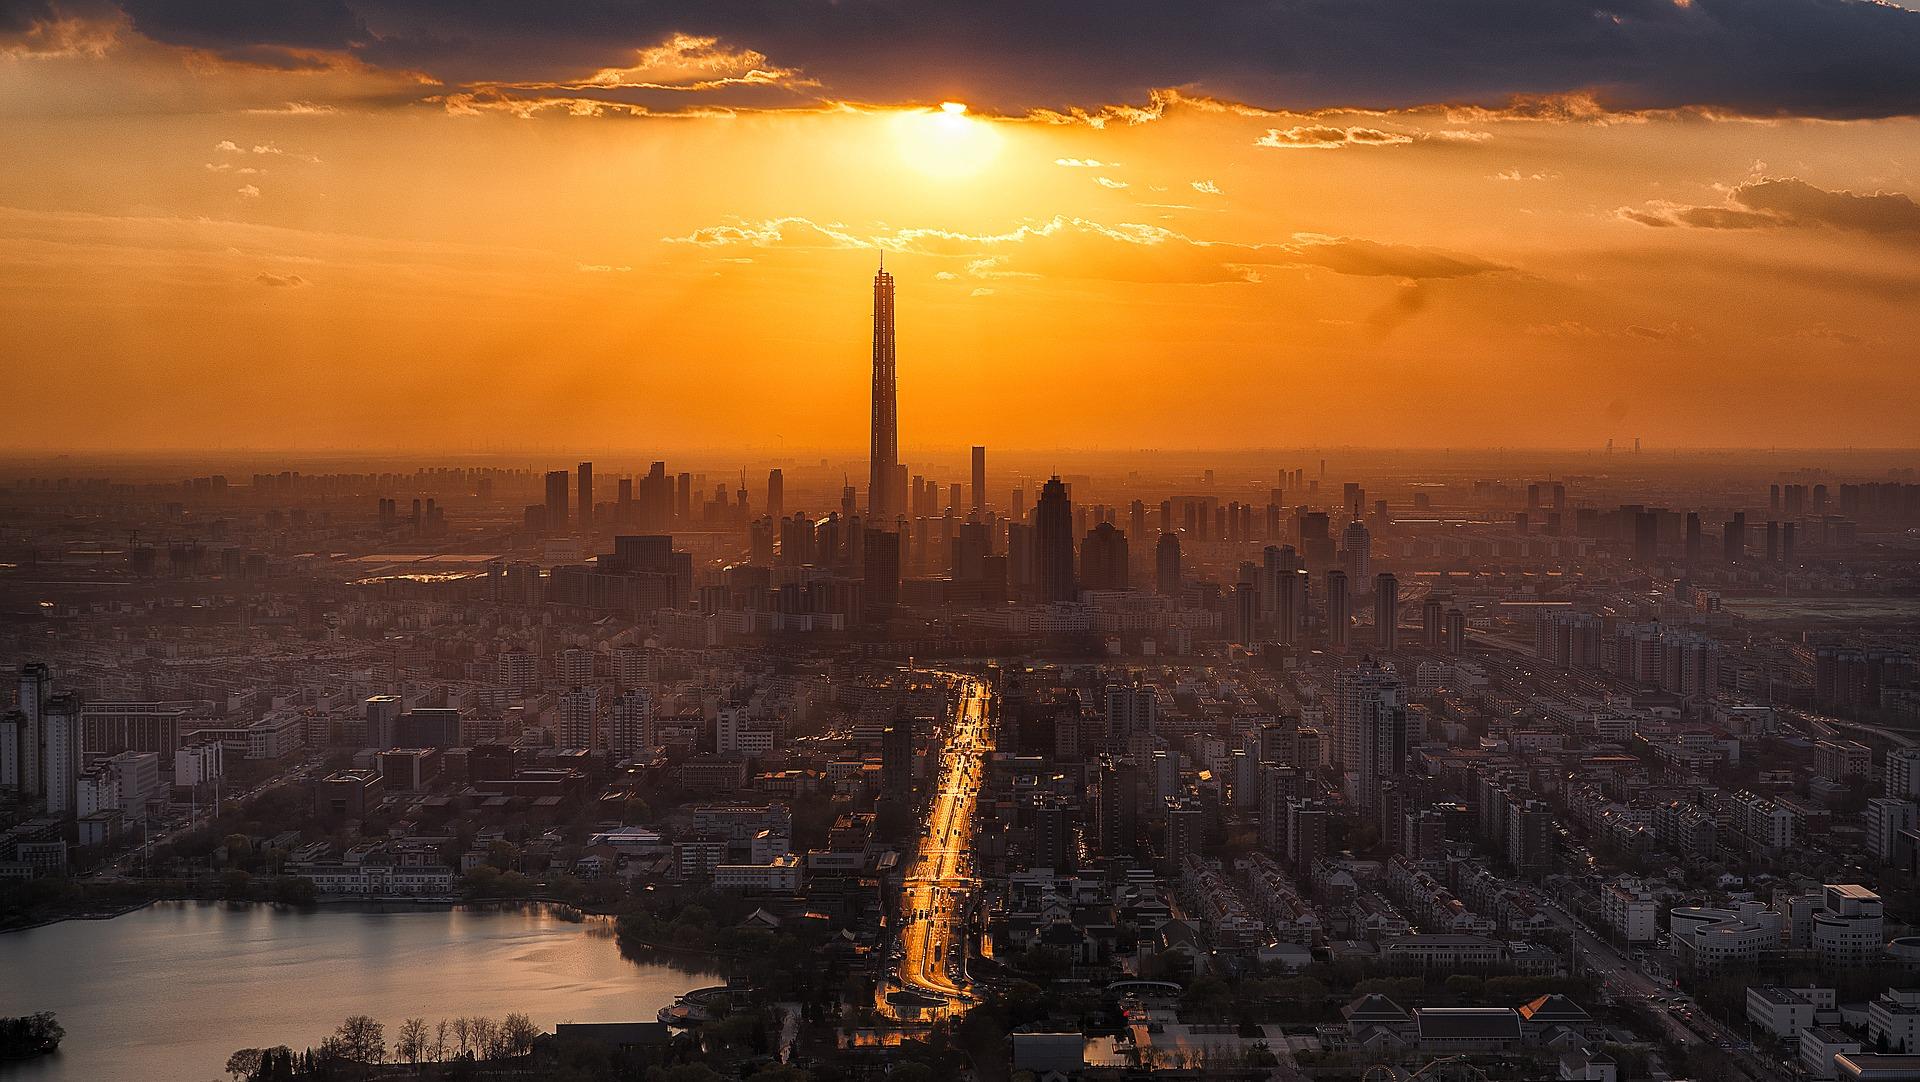 Rascacielos más altos para albergar a la humanidad en 2050